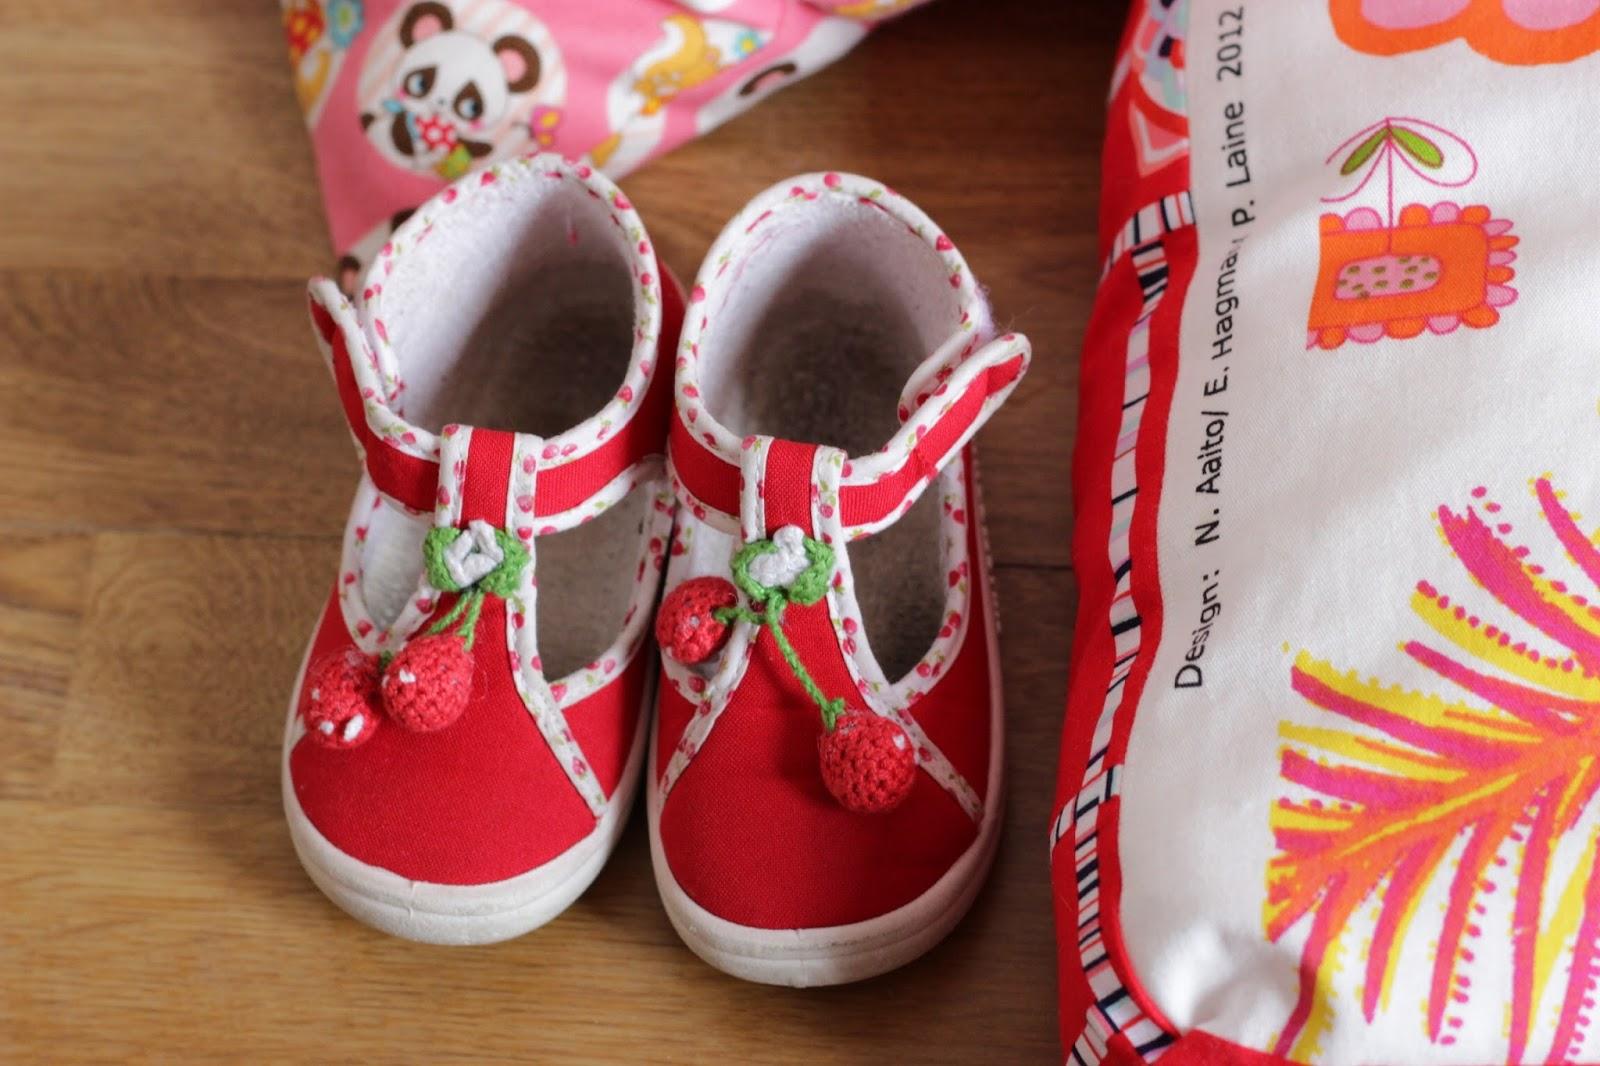 chaussons rouge cerise enfant